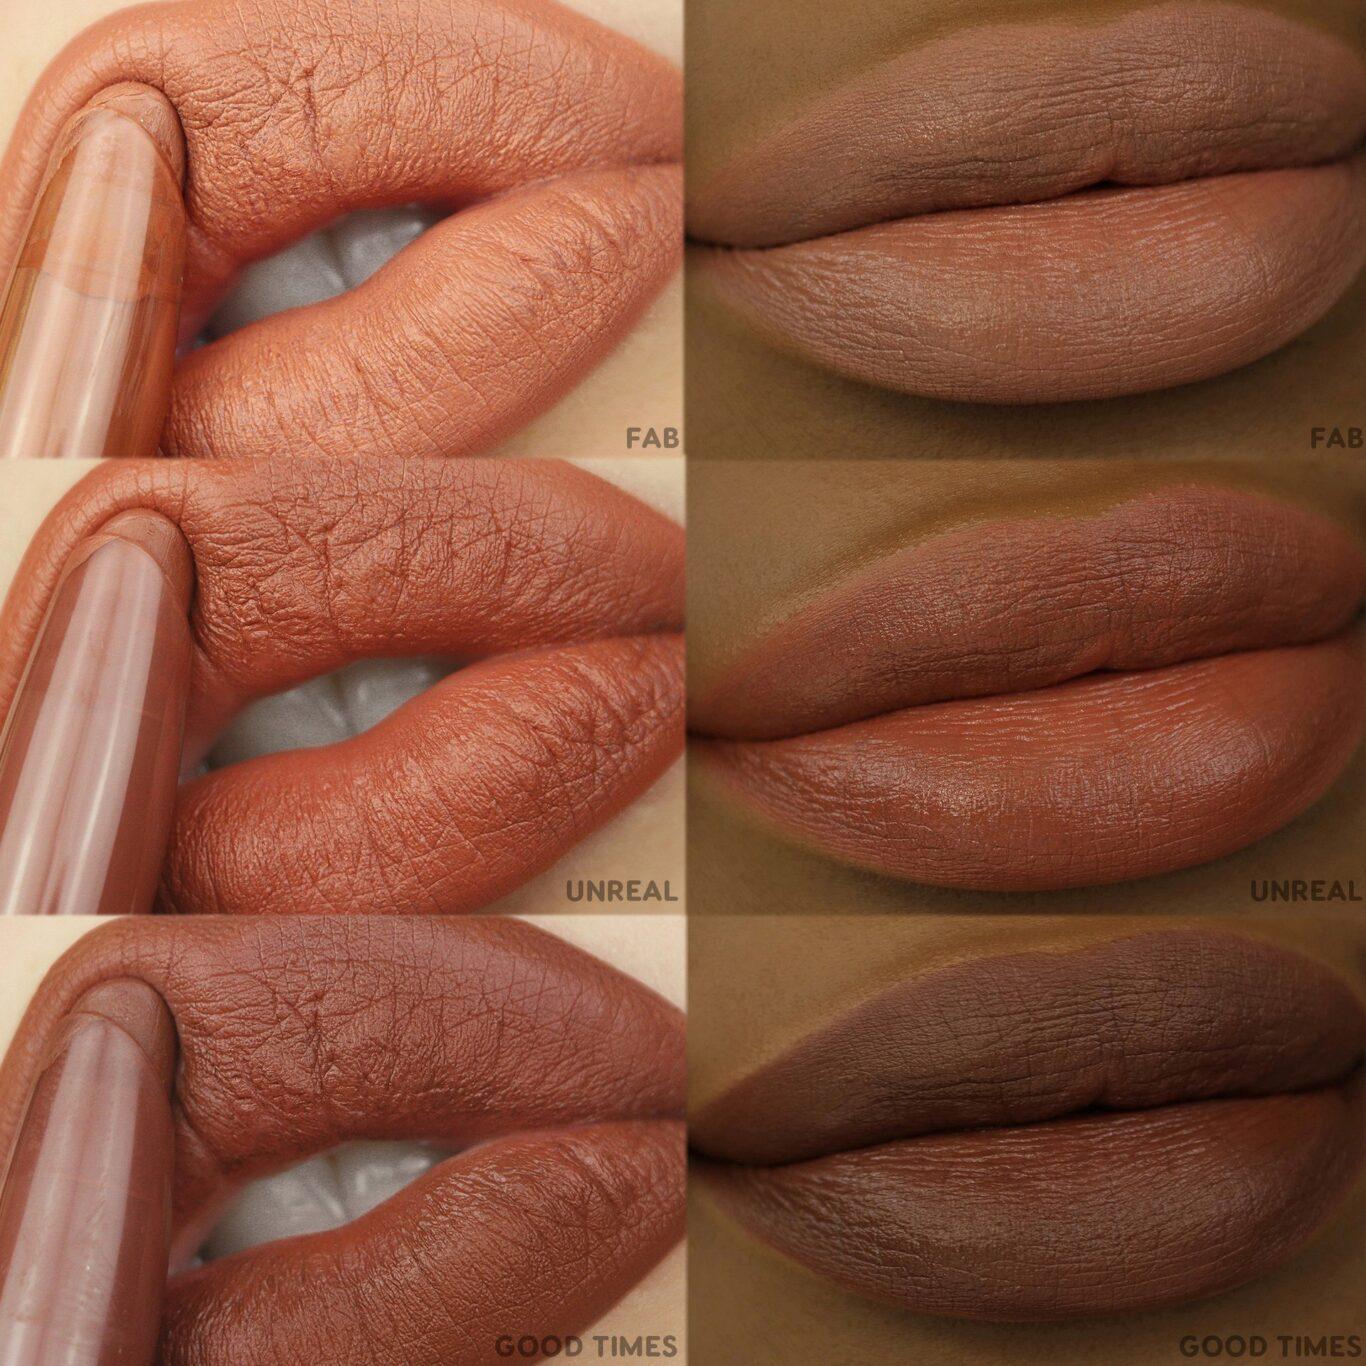 Colourpop Big Poppy Collection Lippie Stix Lip Swatches